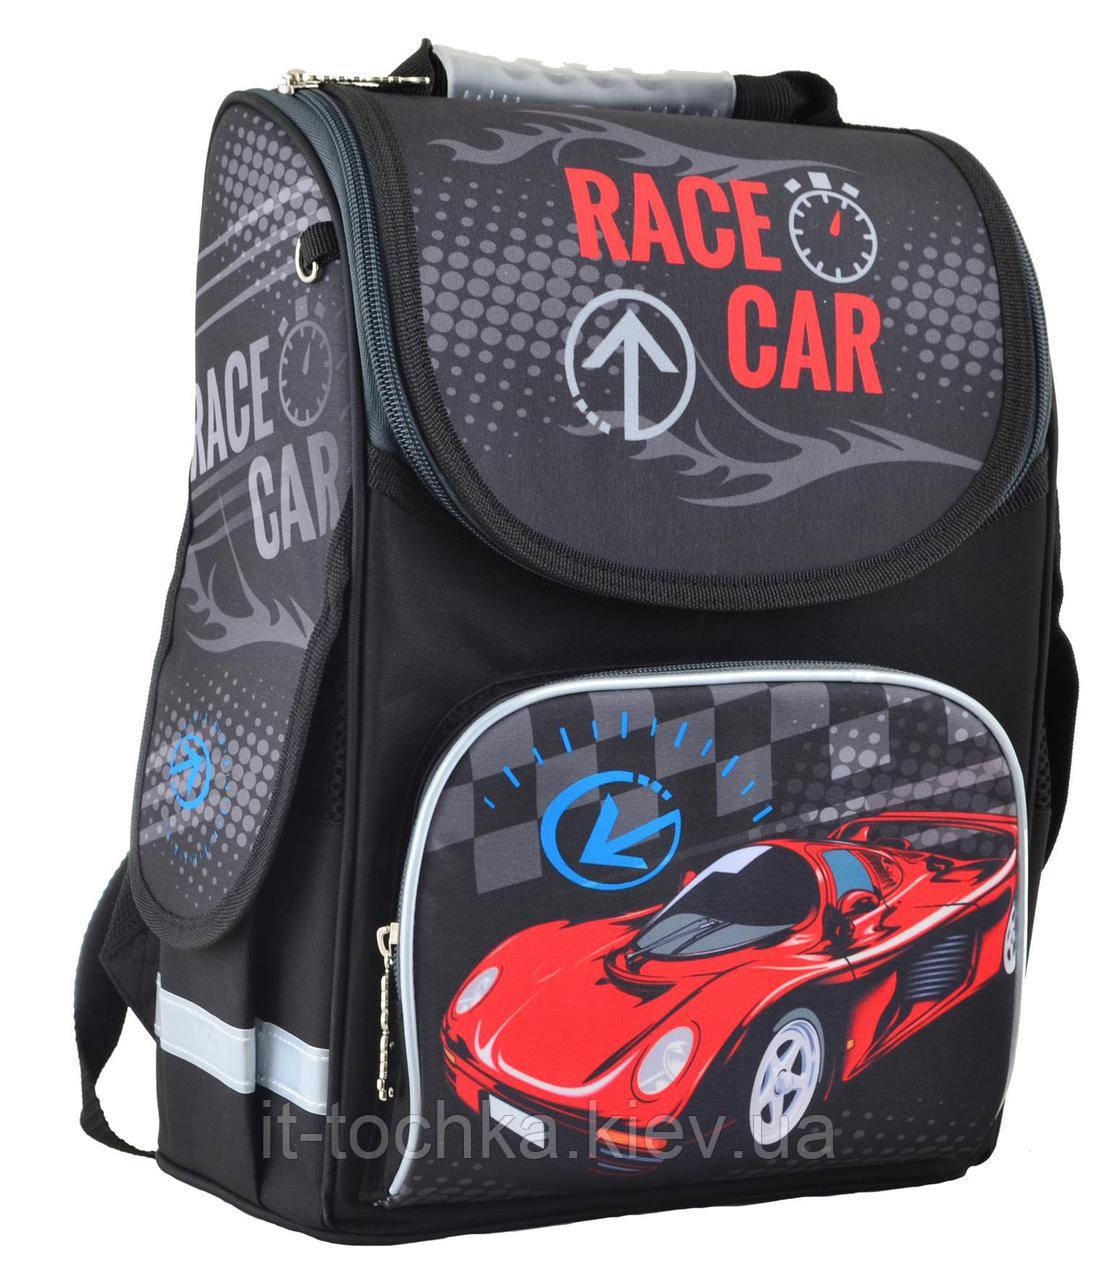 Рюкзак школьный каркасный smart pg-11 race car, 34*26*14